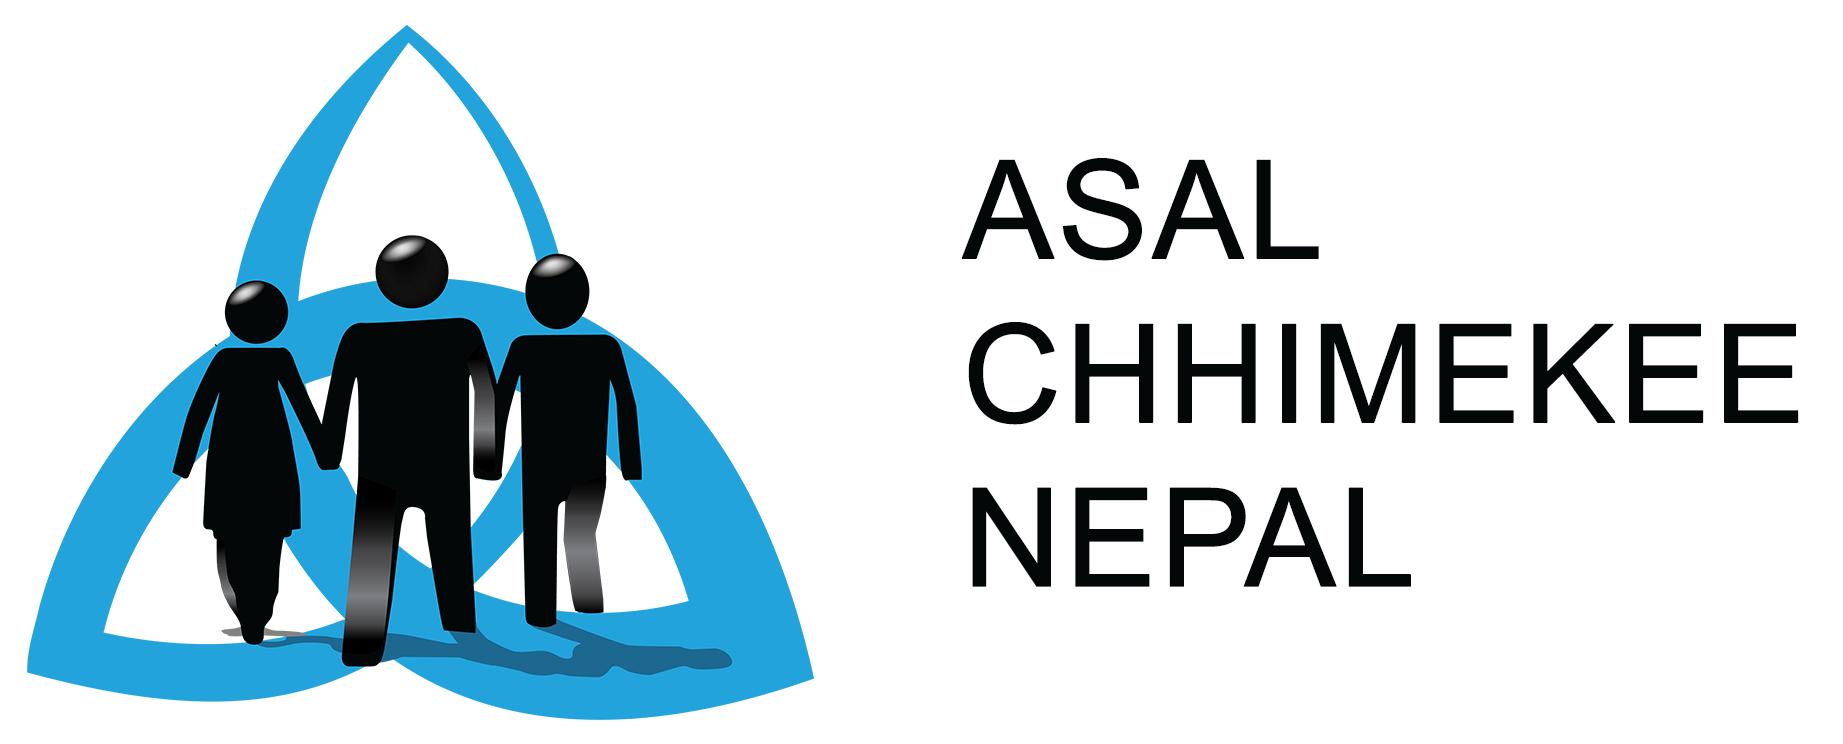 Asal Chhimekee Nepal